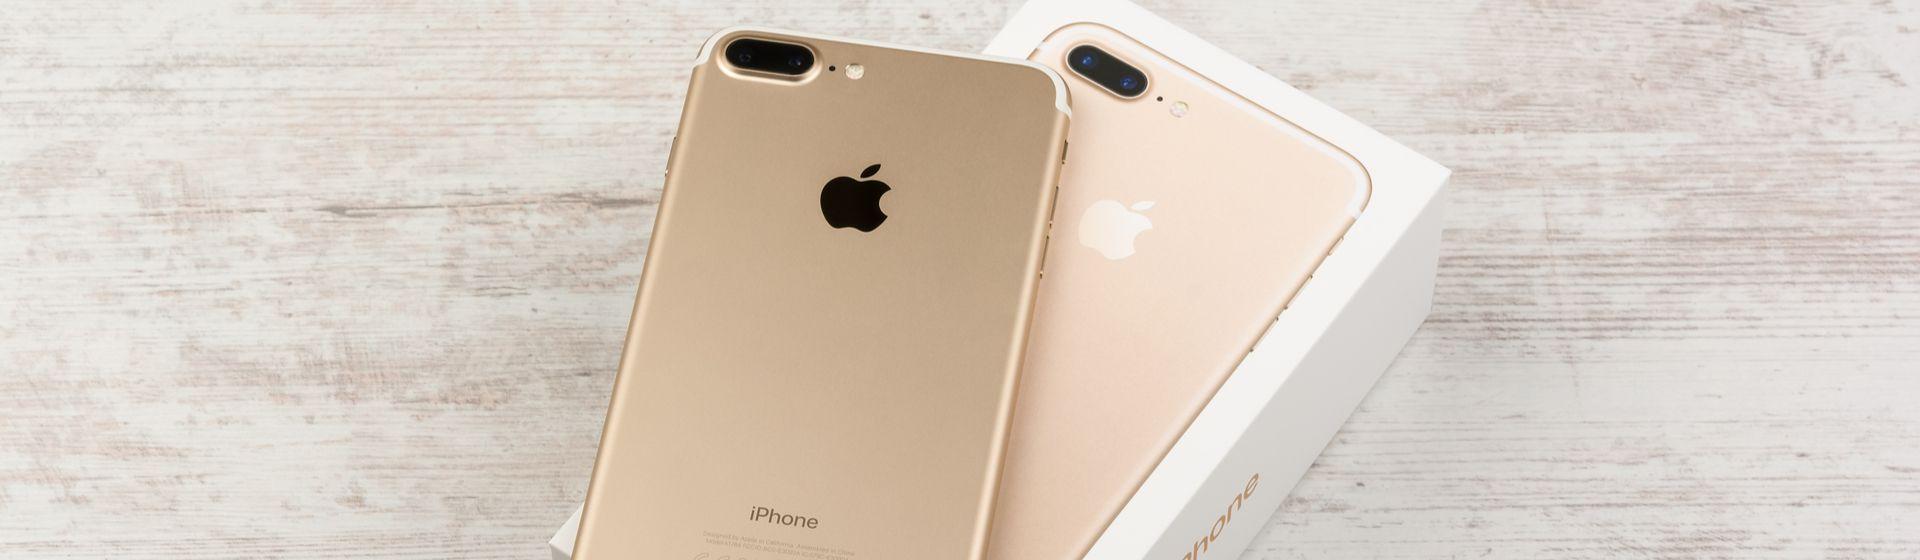 iPhone 7 e 7 Plus valem a pena em 2020? Veja prós e contras dos celulares